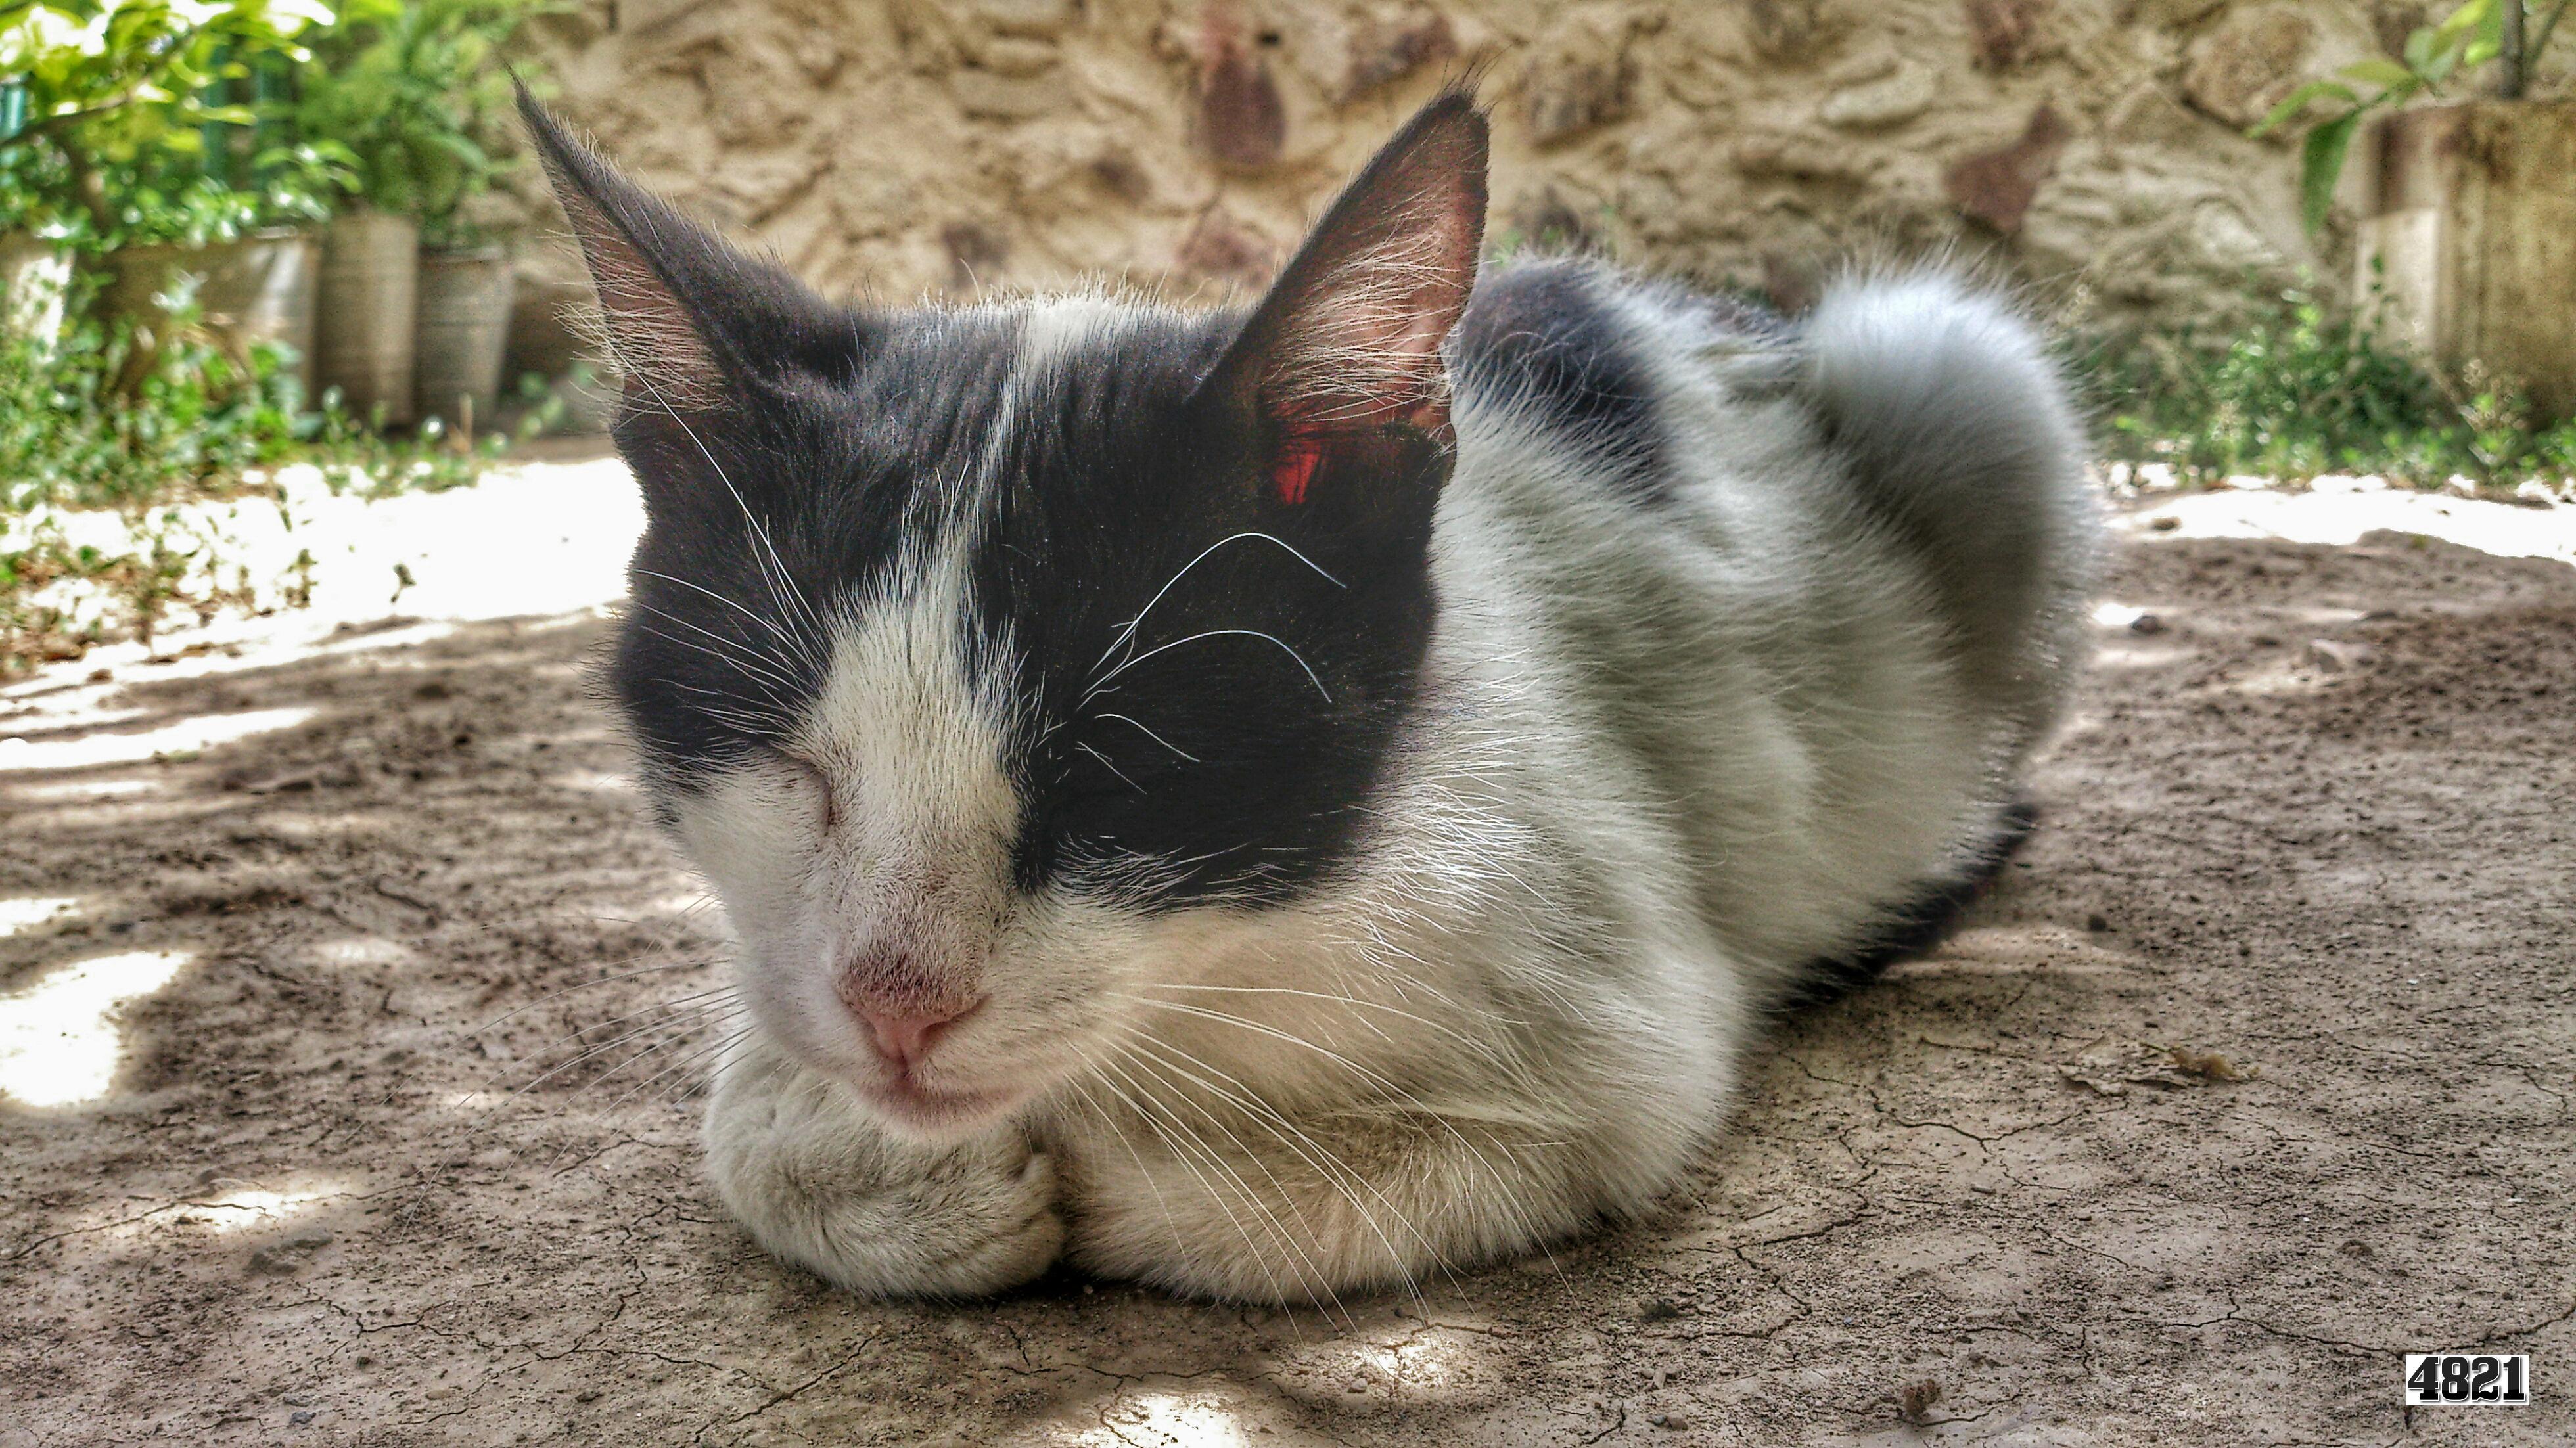 File:Cat kedi pisik svln4821 01.jpg